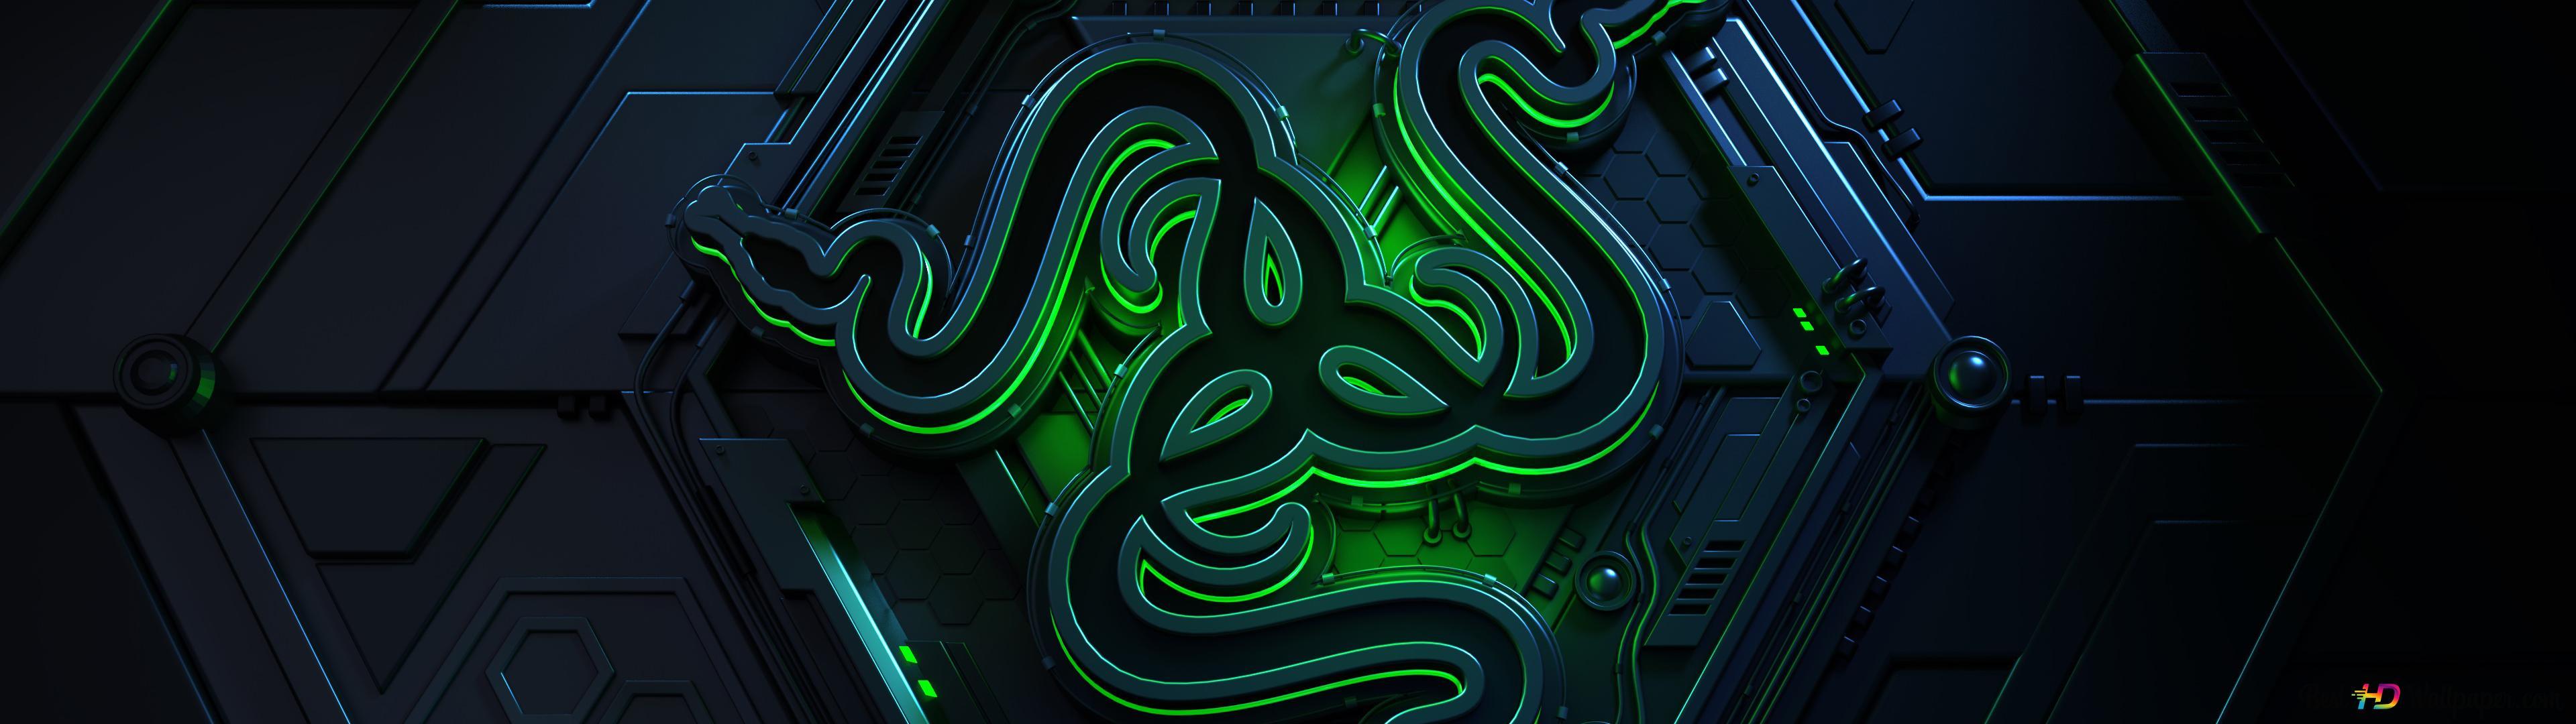 La Technologie Razer Accessoires De Jeux Et Hardwares Hd Fond D